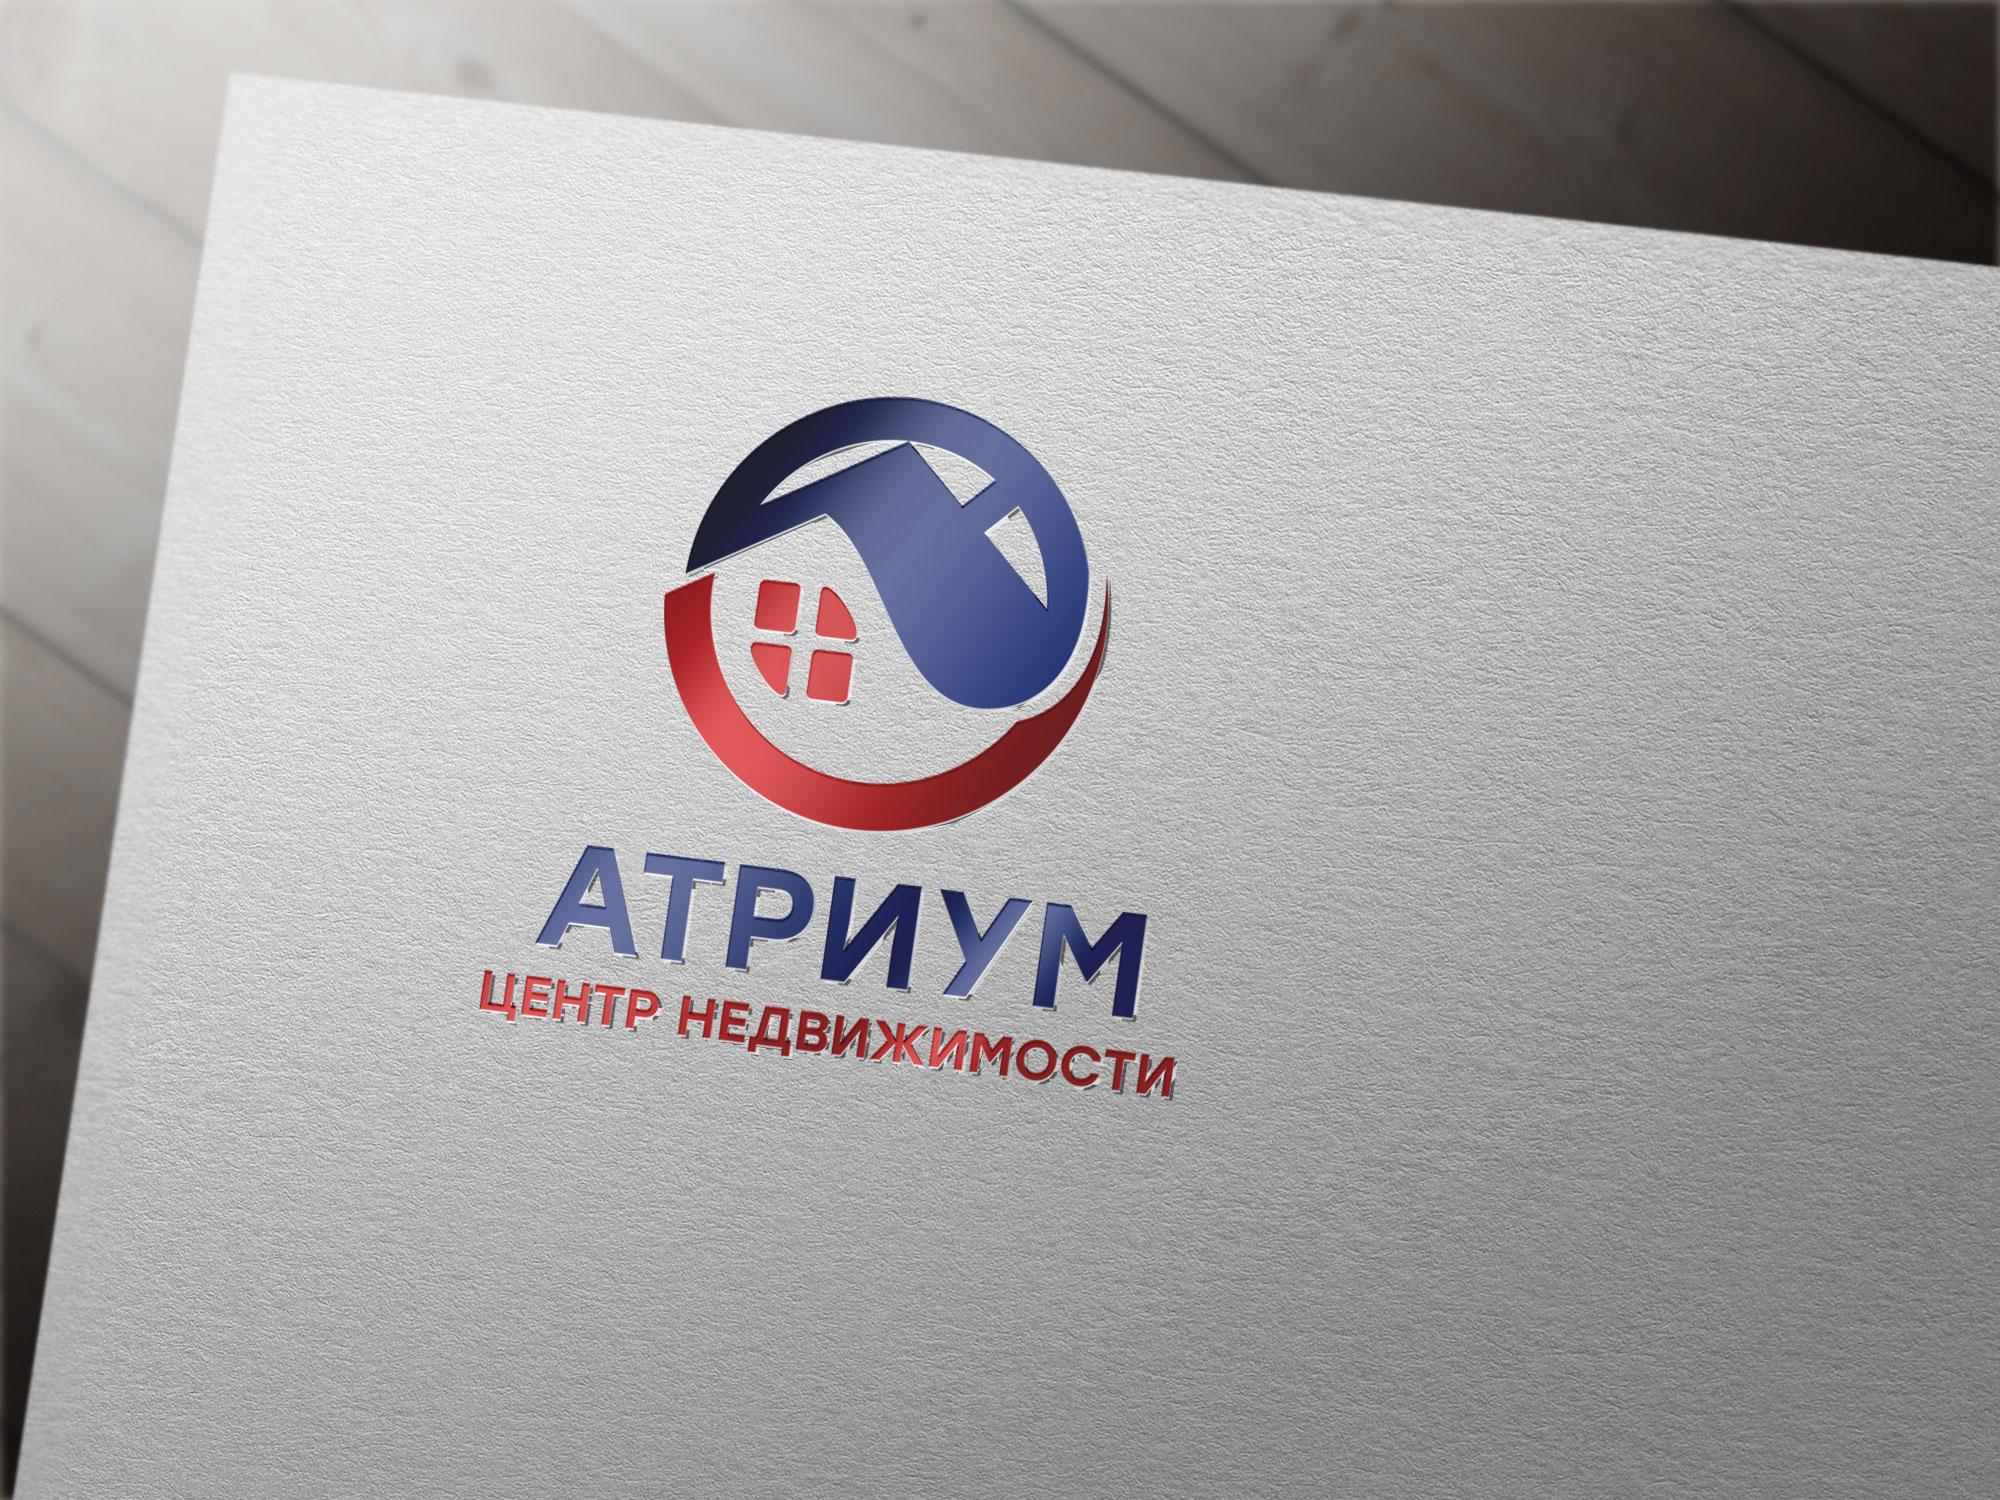 Редизайн / модернизация логотипа Центра недвижимости фото f_0365bc0cb08a2c00.jpg